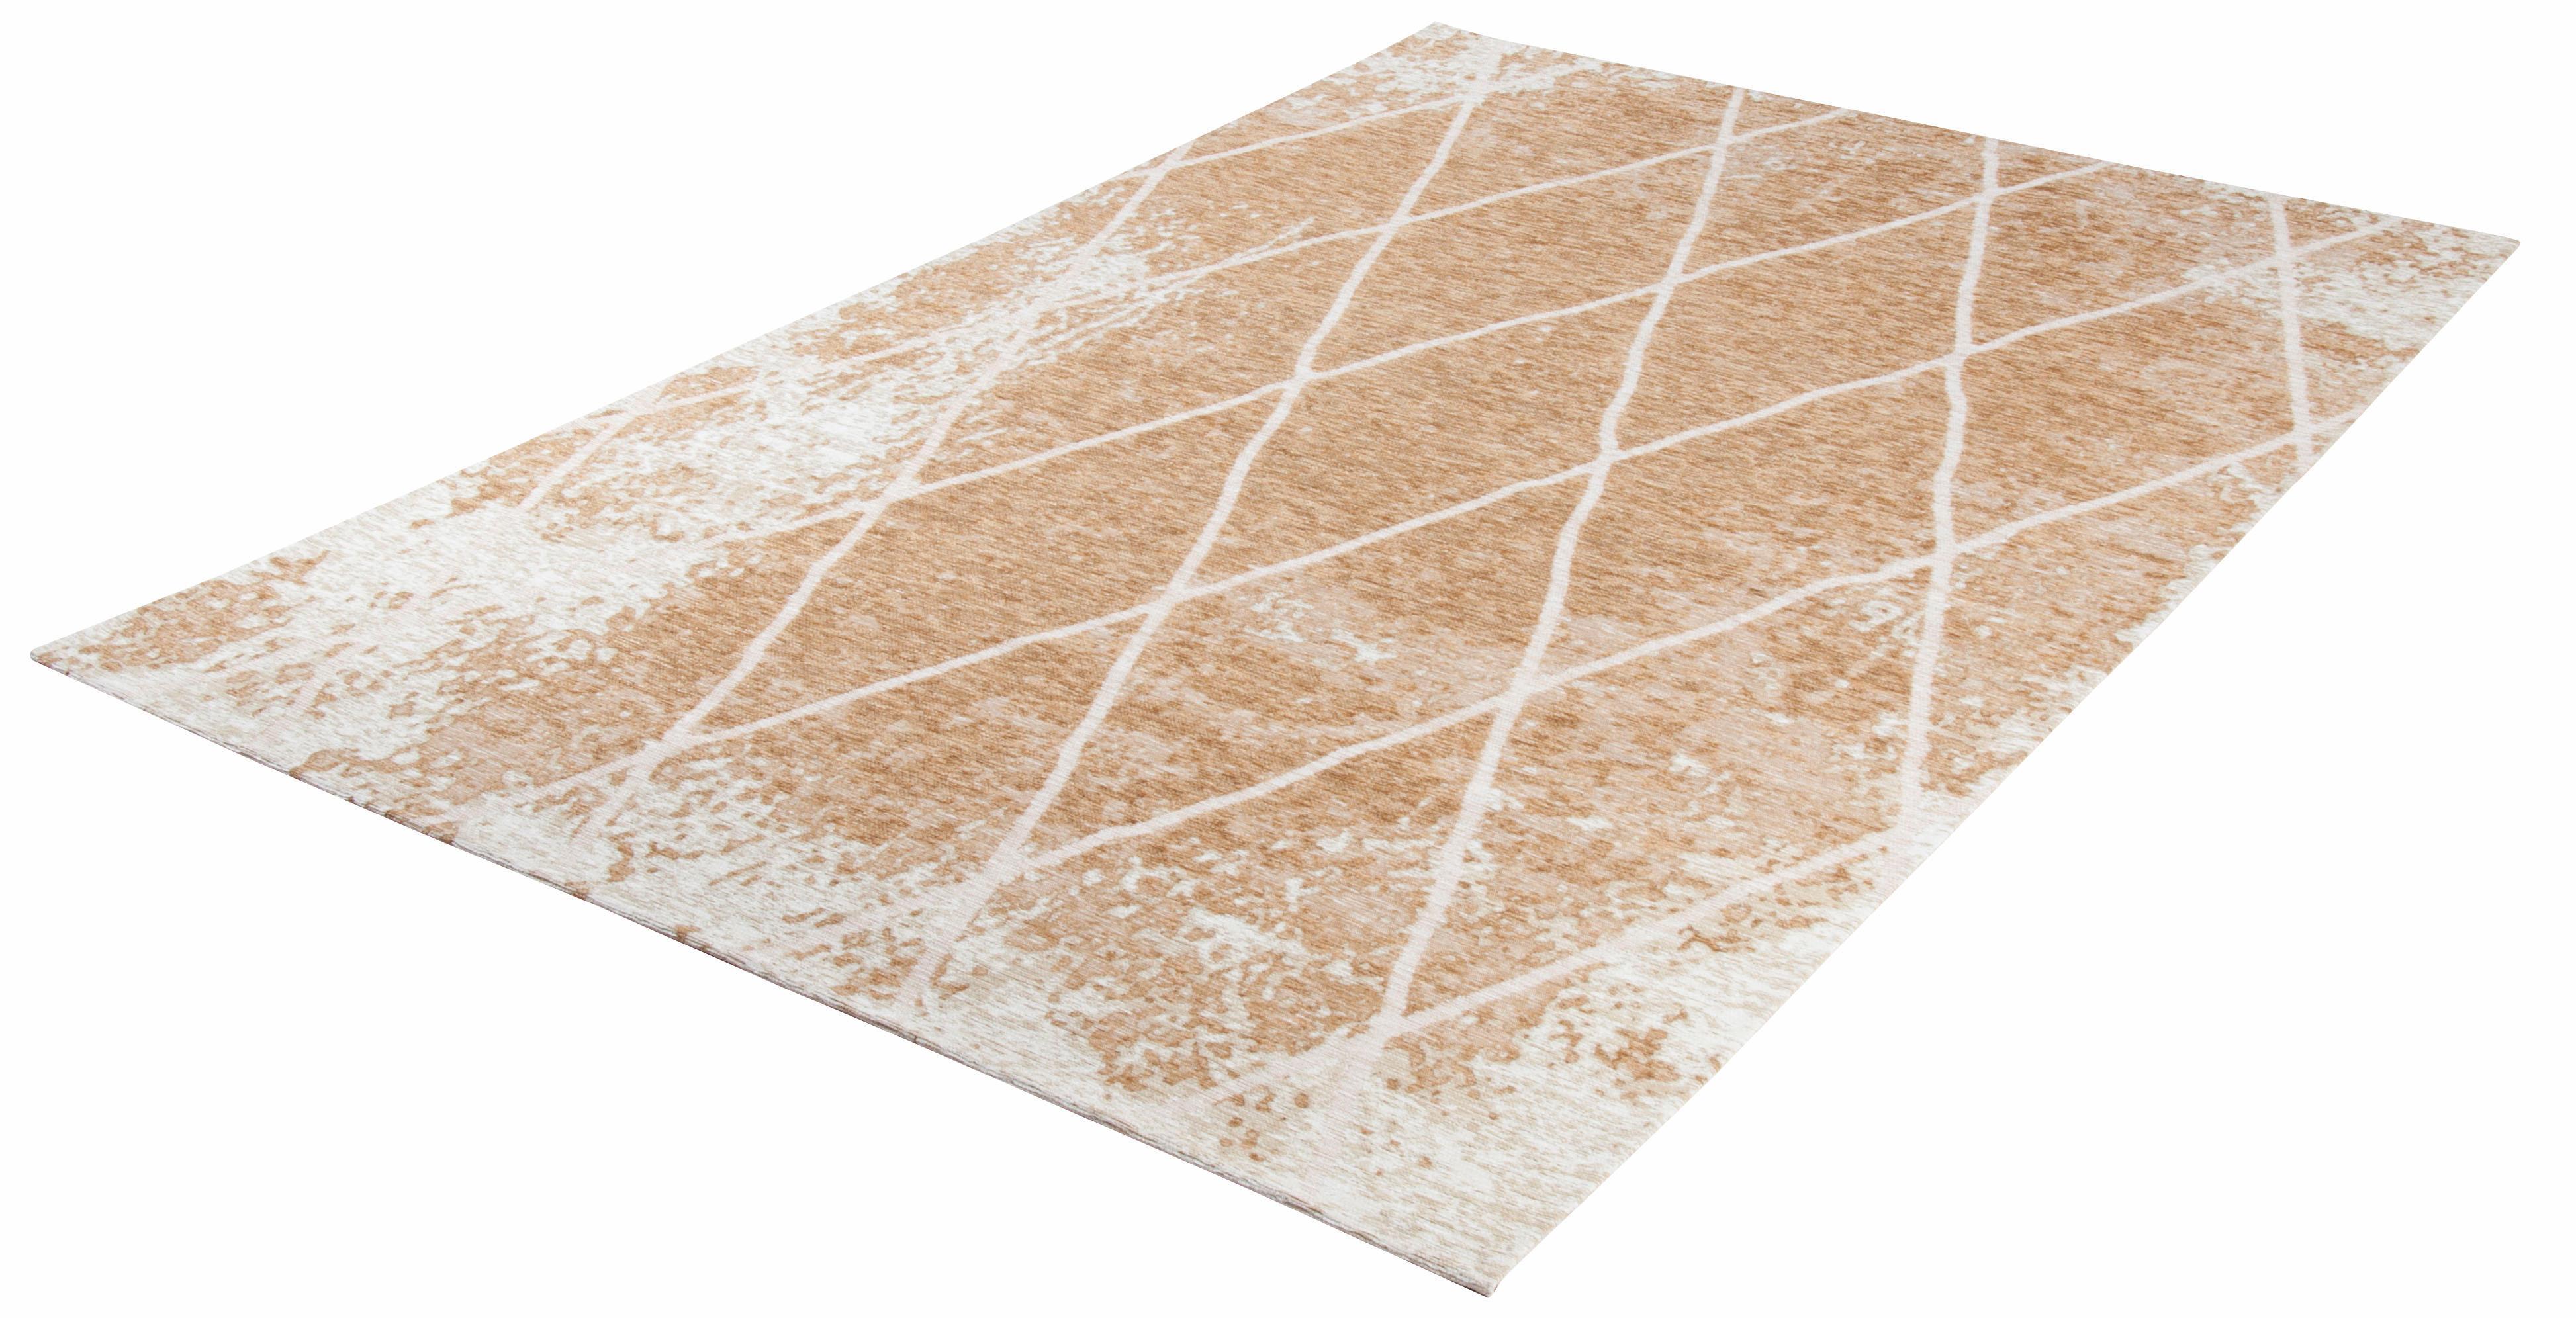 Teppich Fine Lines TOM TAILOR rechteckig Höhe 5 mm maschinell gewebt